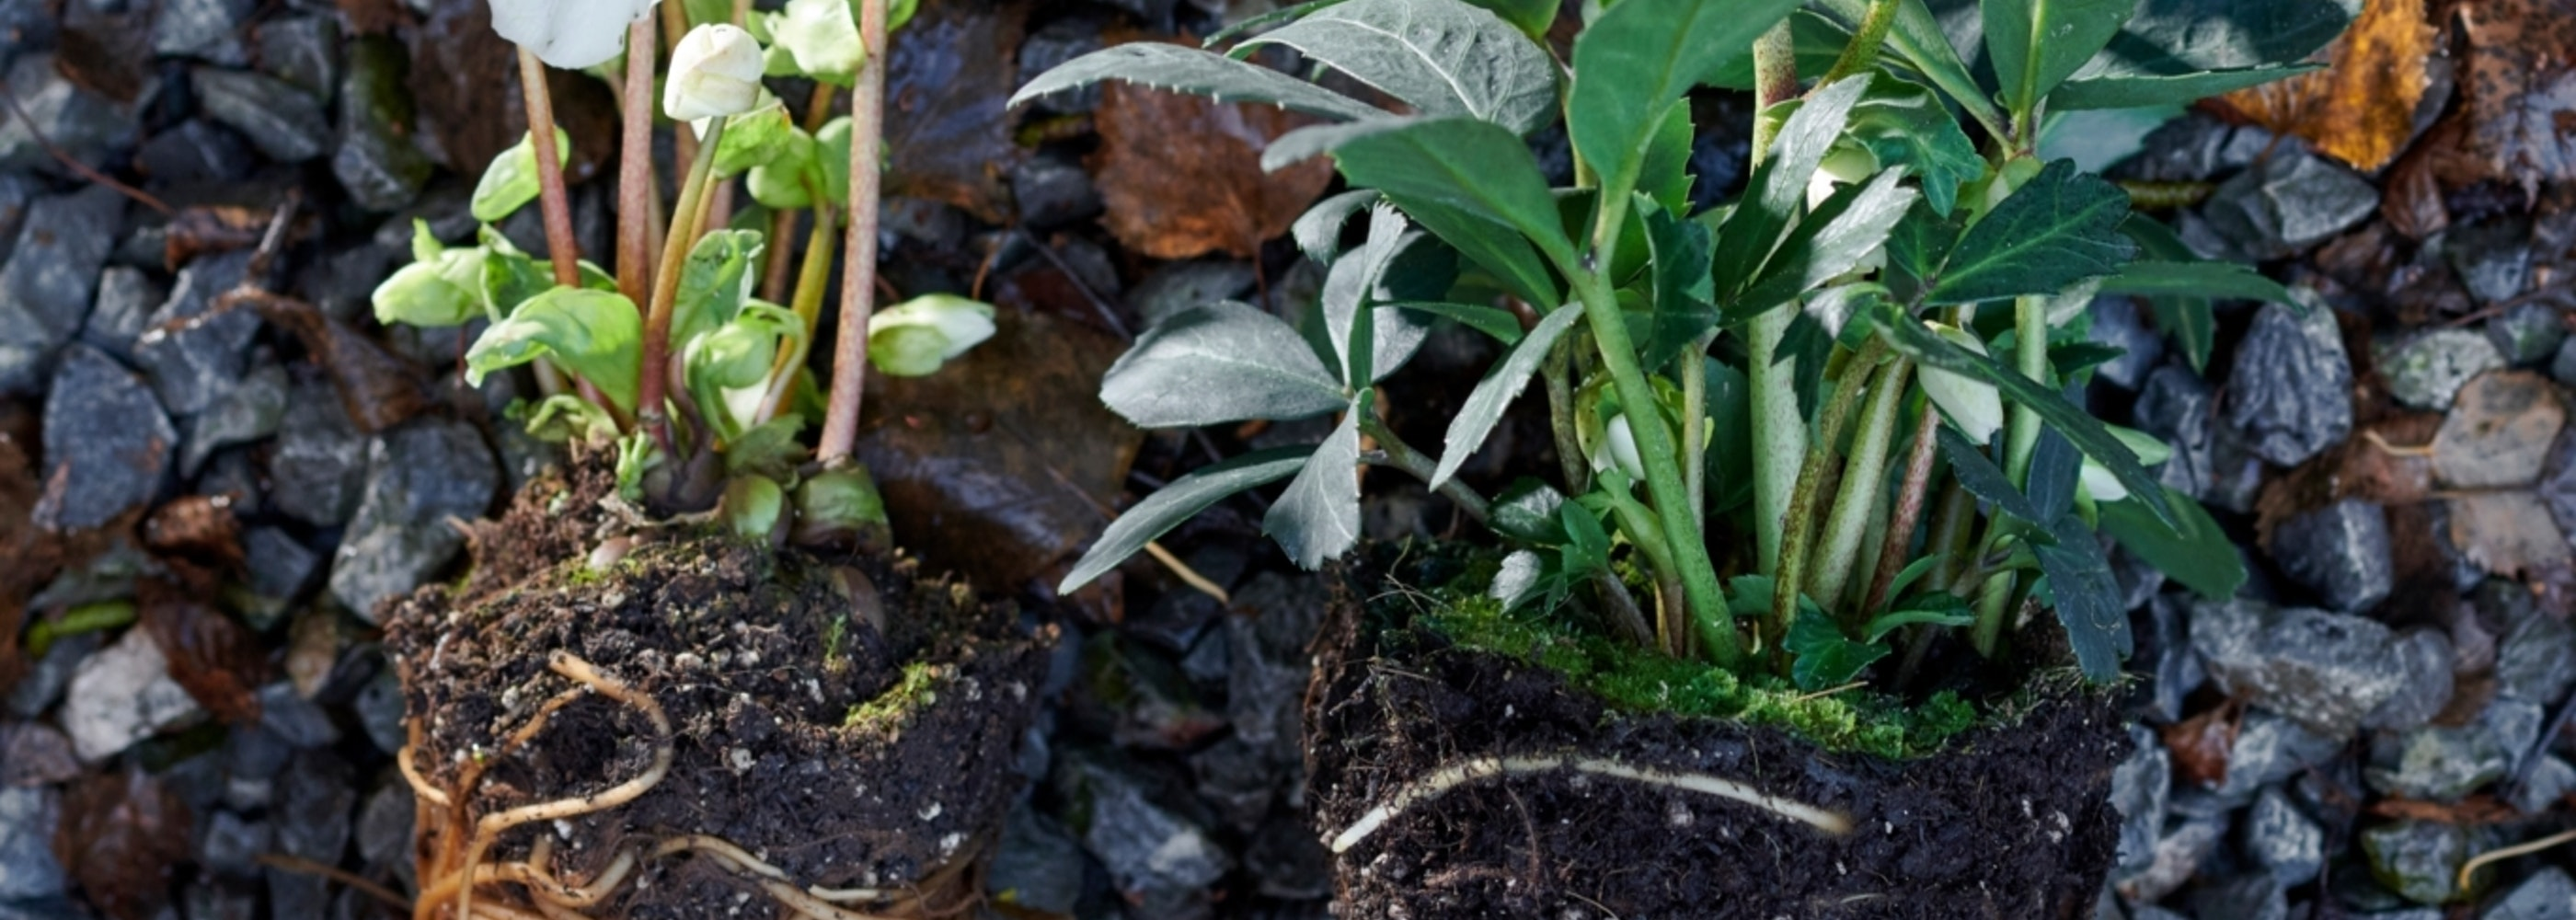 mooiwatplantendoen.nl 1206 296